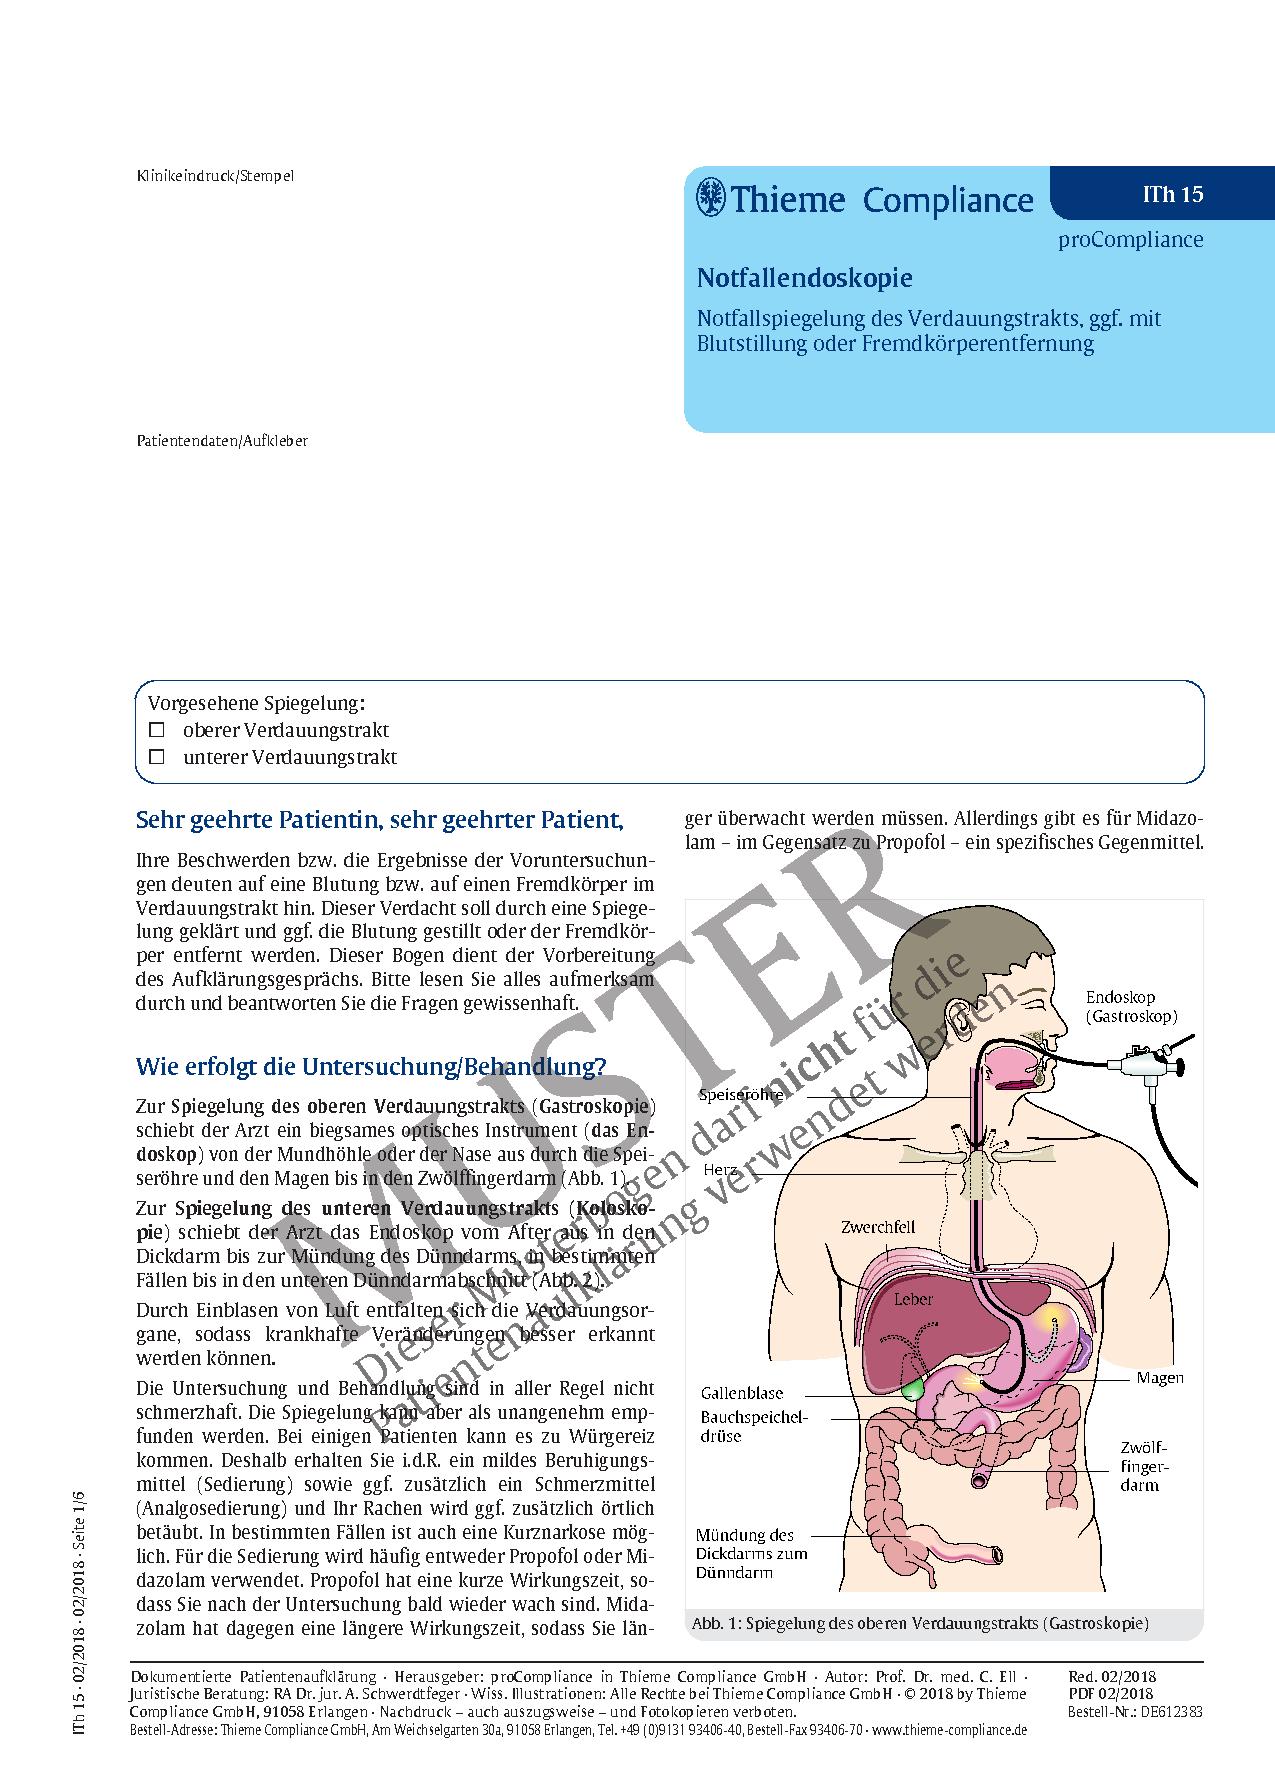 Berühmt Bild Des Verdauungstraktes Bilder - Physiologie Von ...